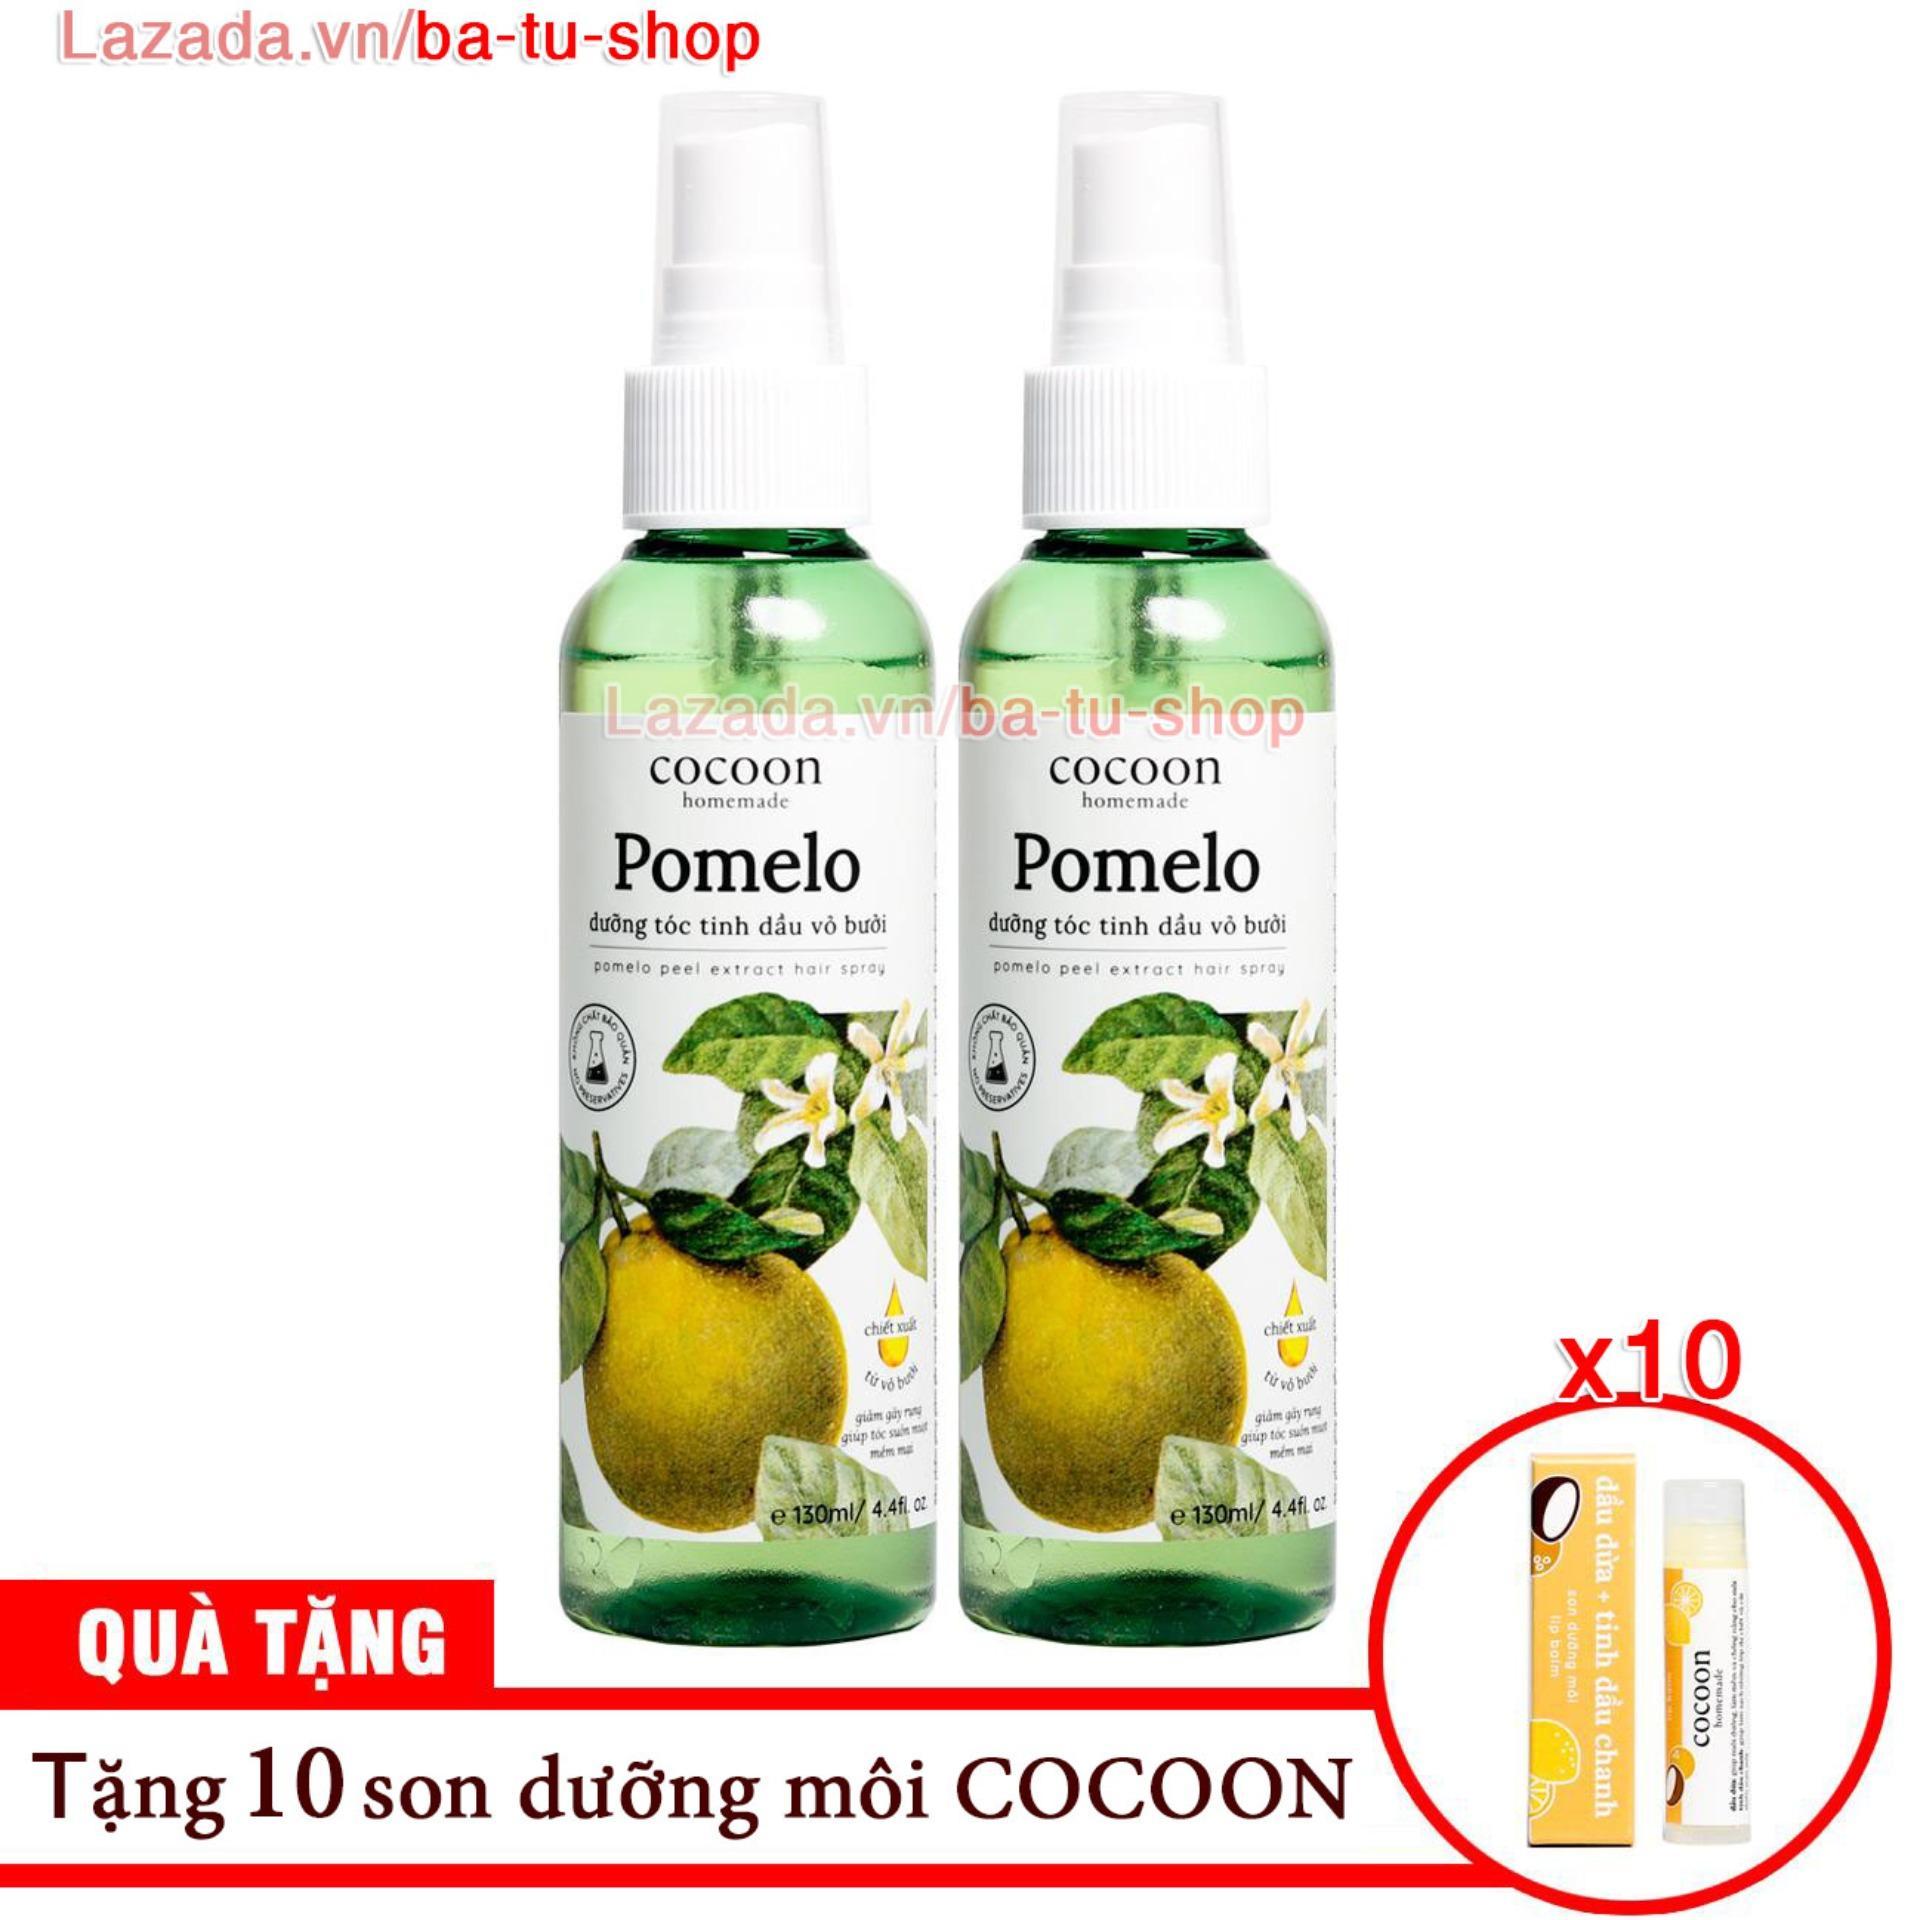 Bộ 2 chai xịt bưởi kích thích mọc tóc Pomelo tặng ngay 10 son dưỡng môi Lip Care